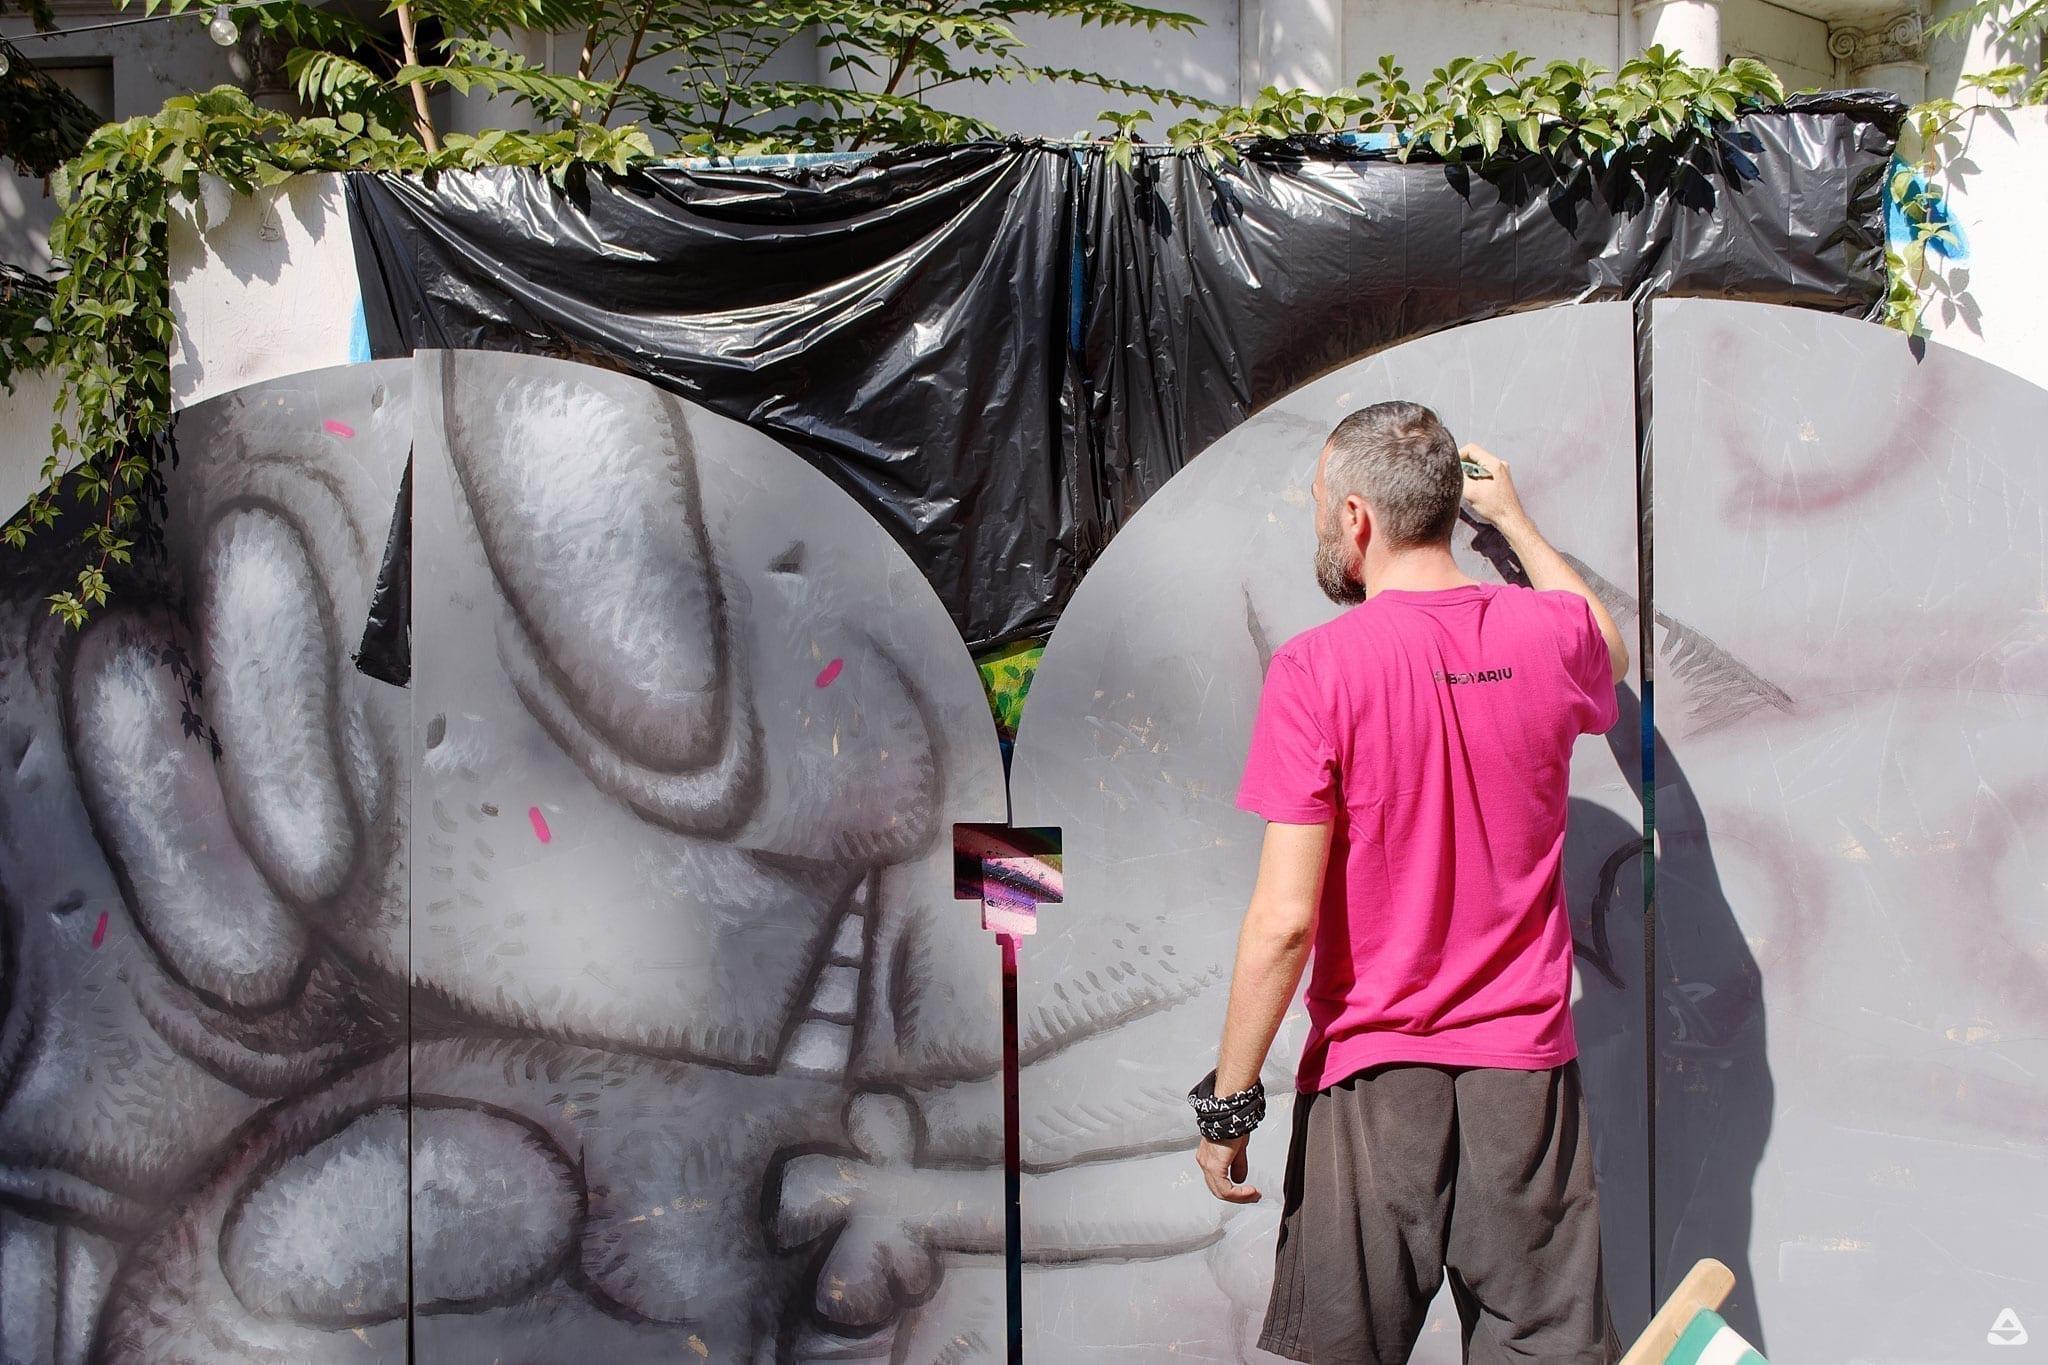 Pisica Pătrată instalație artistică / Un-hidden Bucharest II